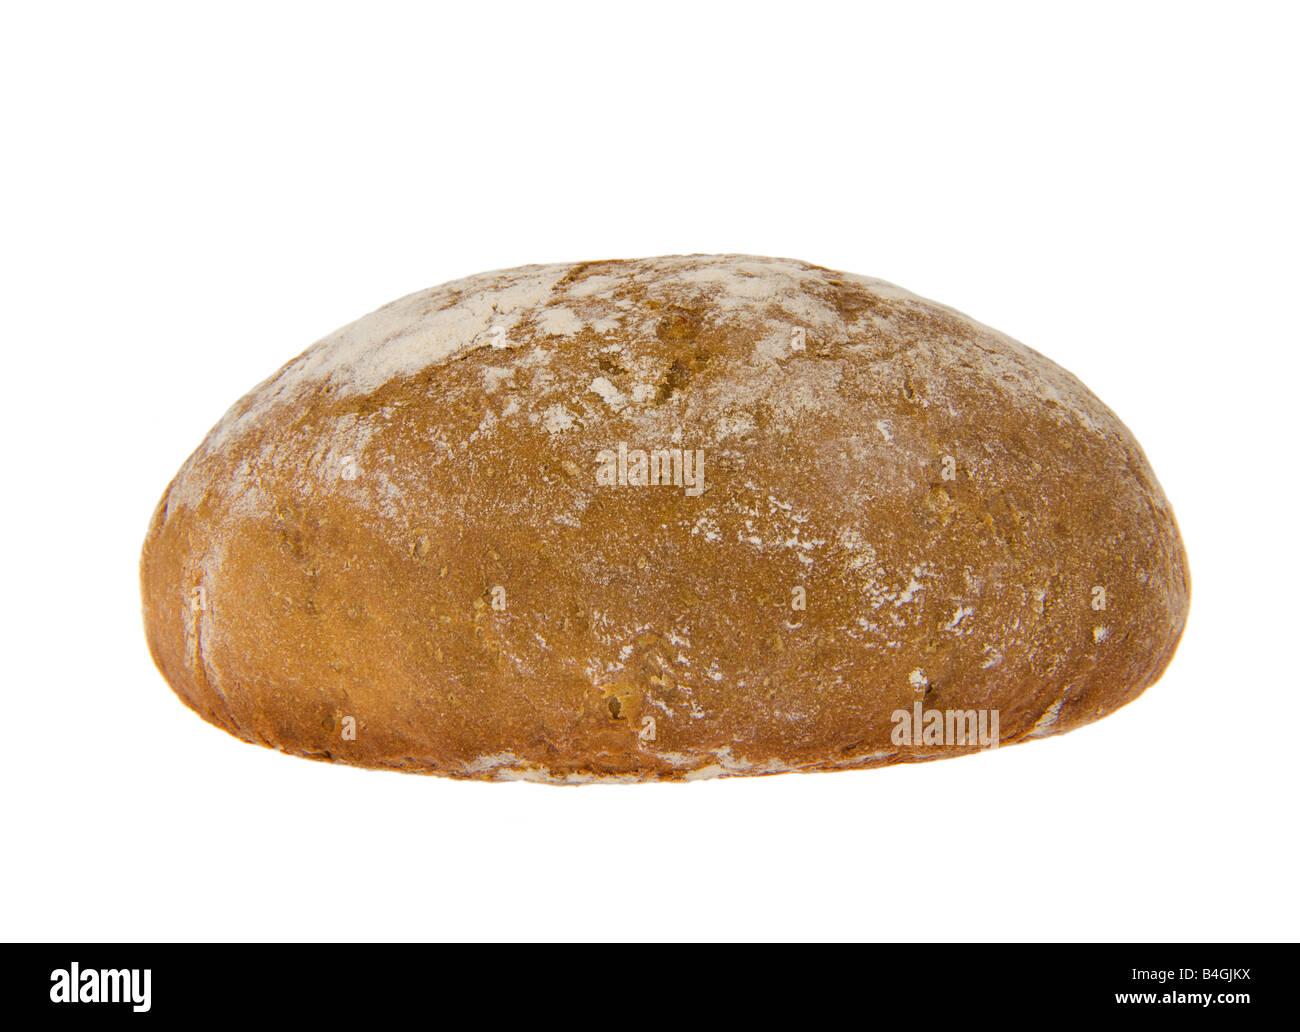 staple food dietary brown bread dark bread german germany rye brot baker bakery leaven sourdough cob loaf of bread - Stock Image